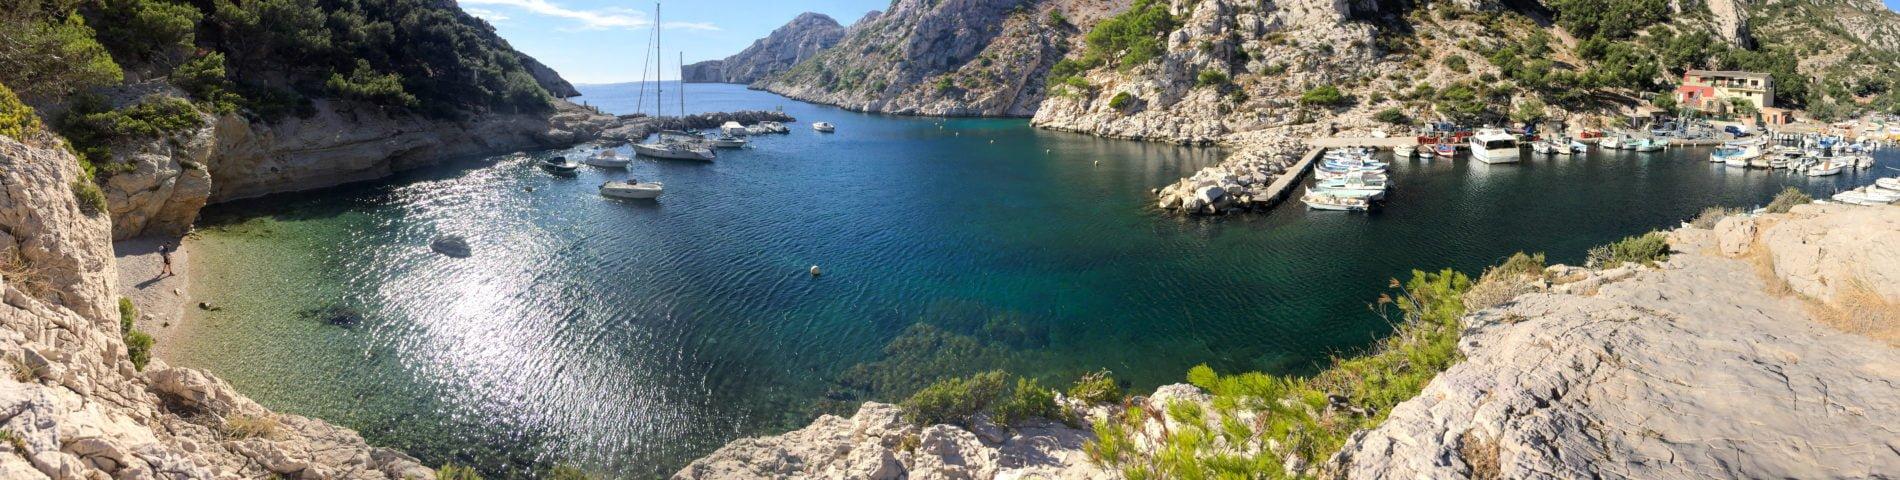 Randonnée dans les calanques de Marseille : de Morgiou à Sugiton